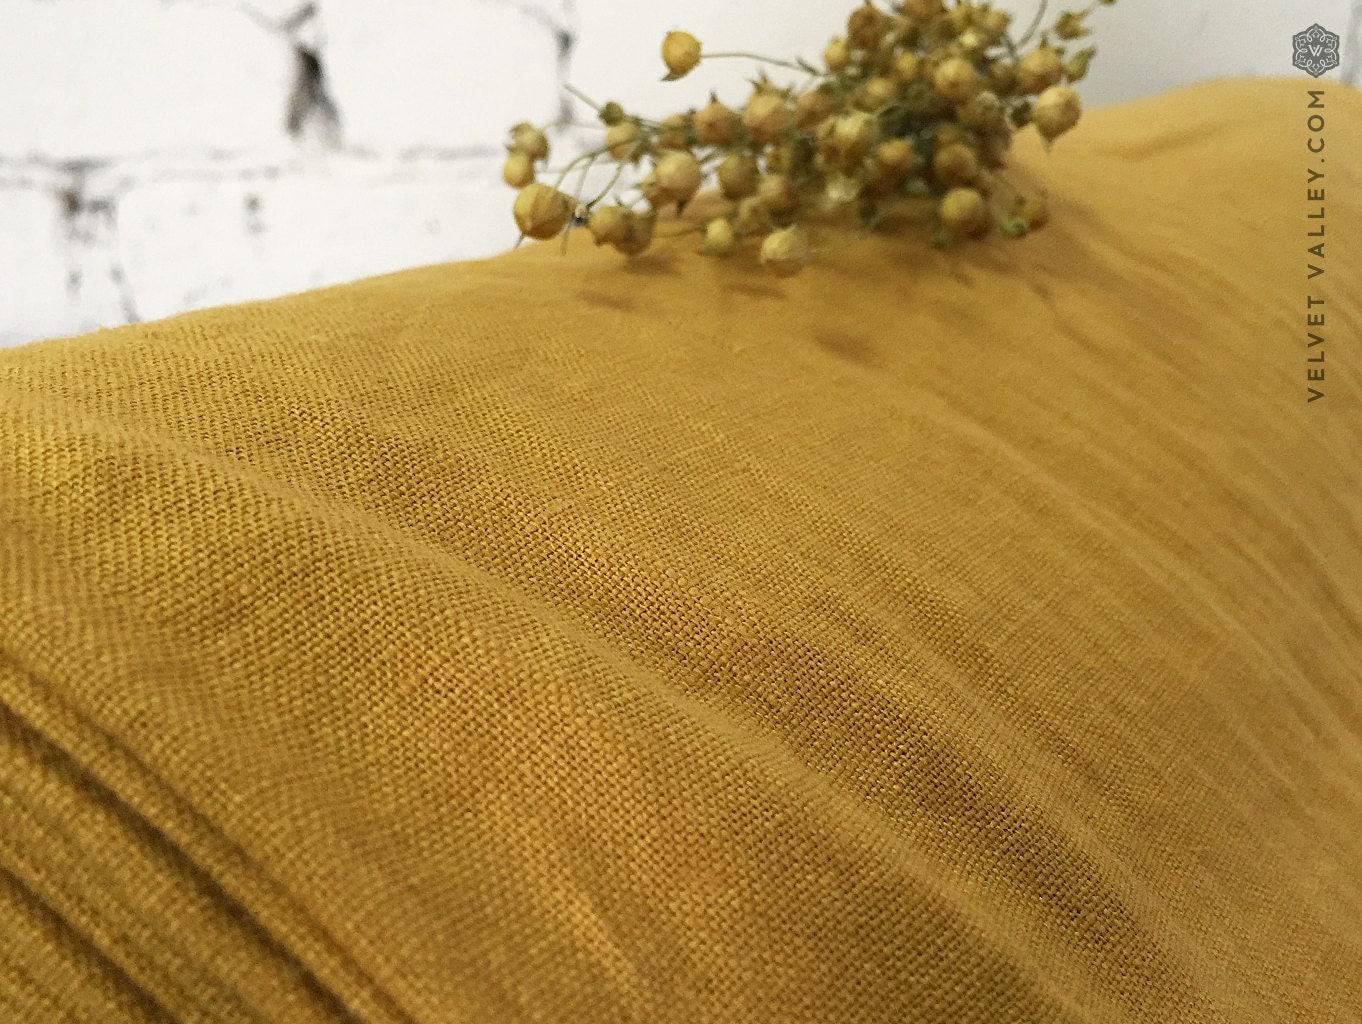 Octopus shower curtain cafe press - Softened Light Mustard Linen Fabric Light Warm Honey Colour Dense Light Weight Thick Linen